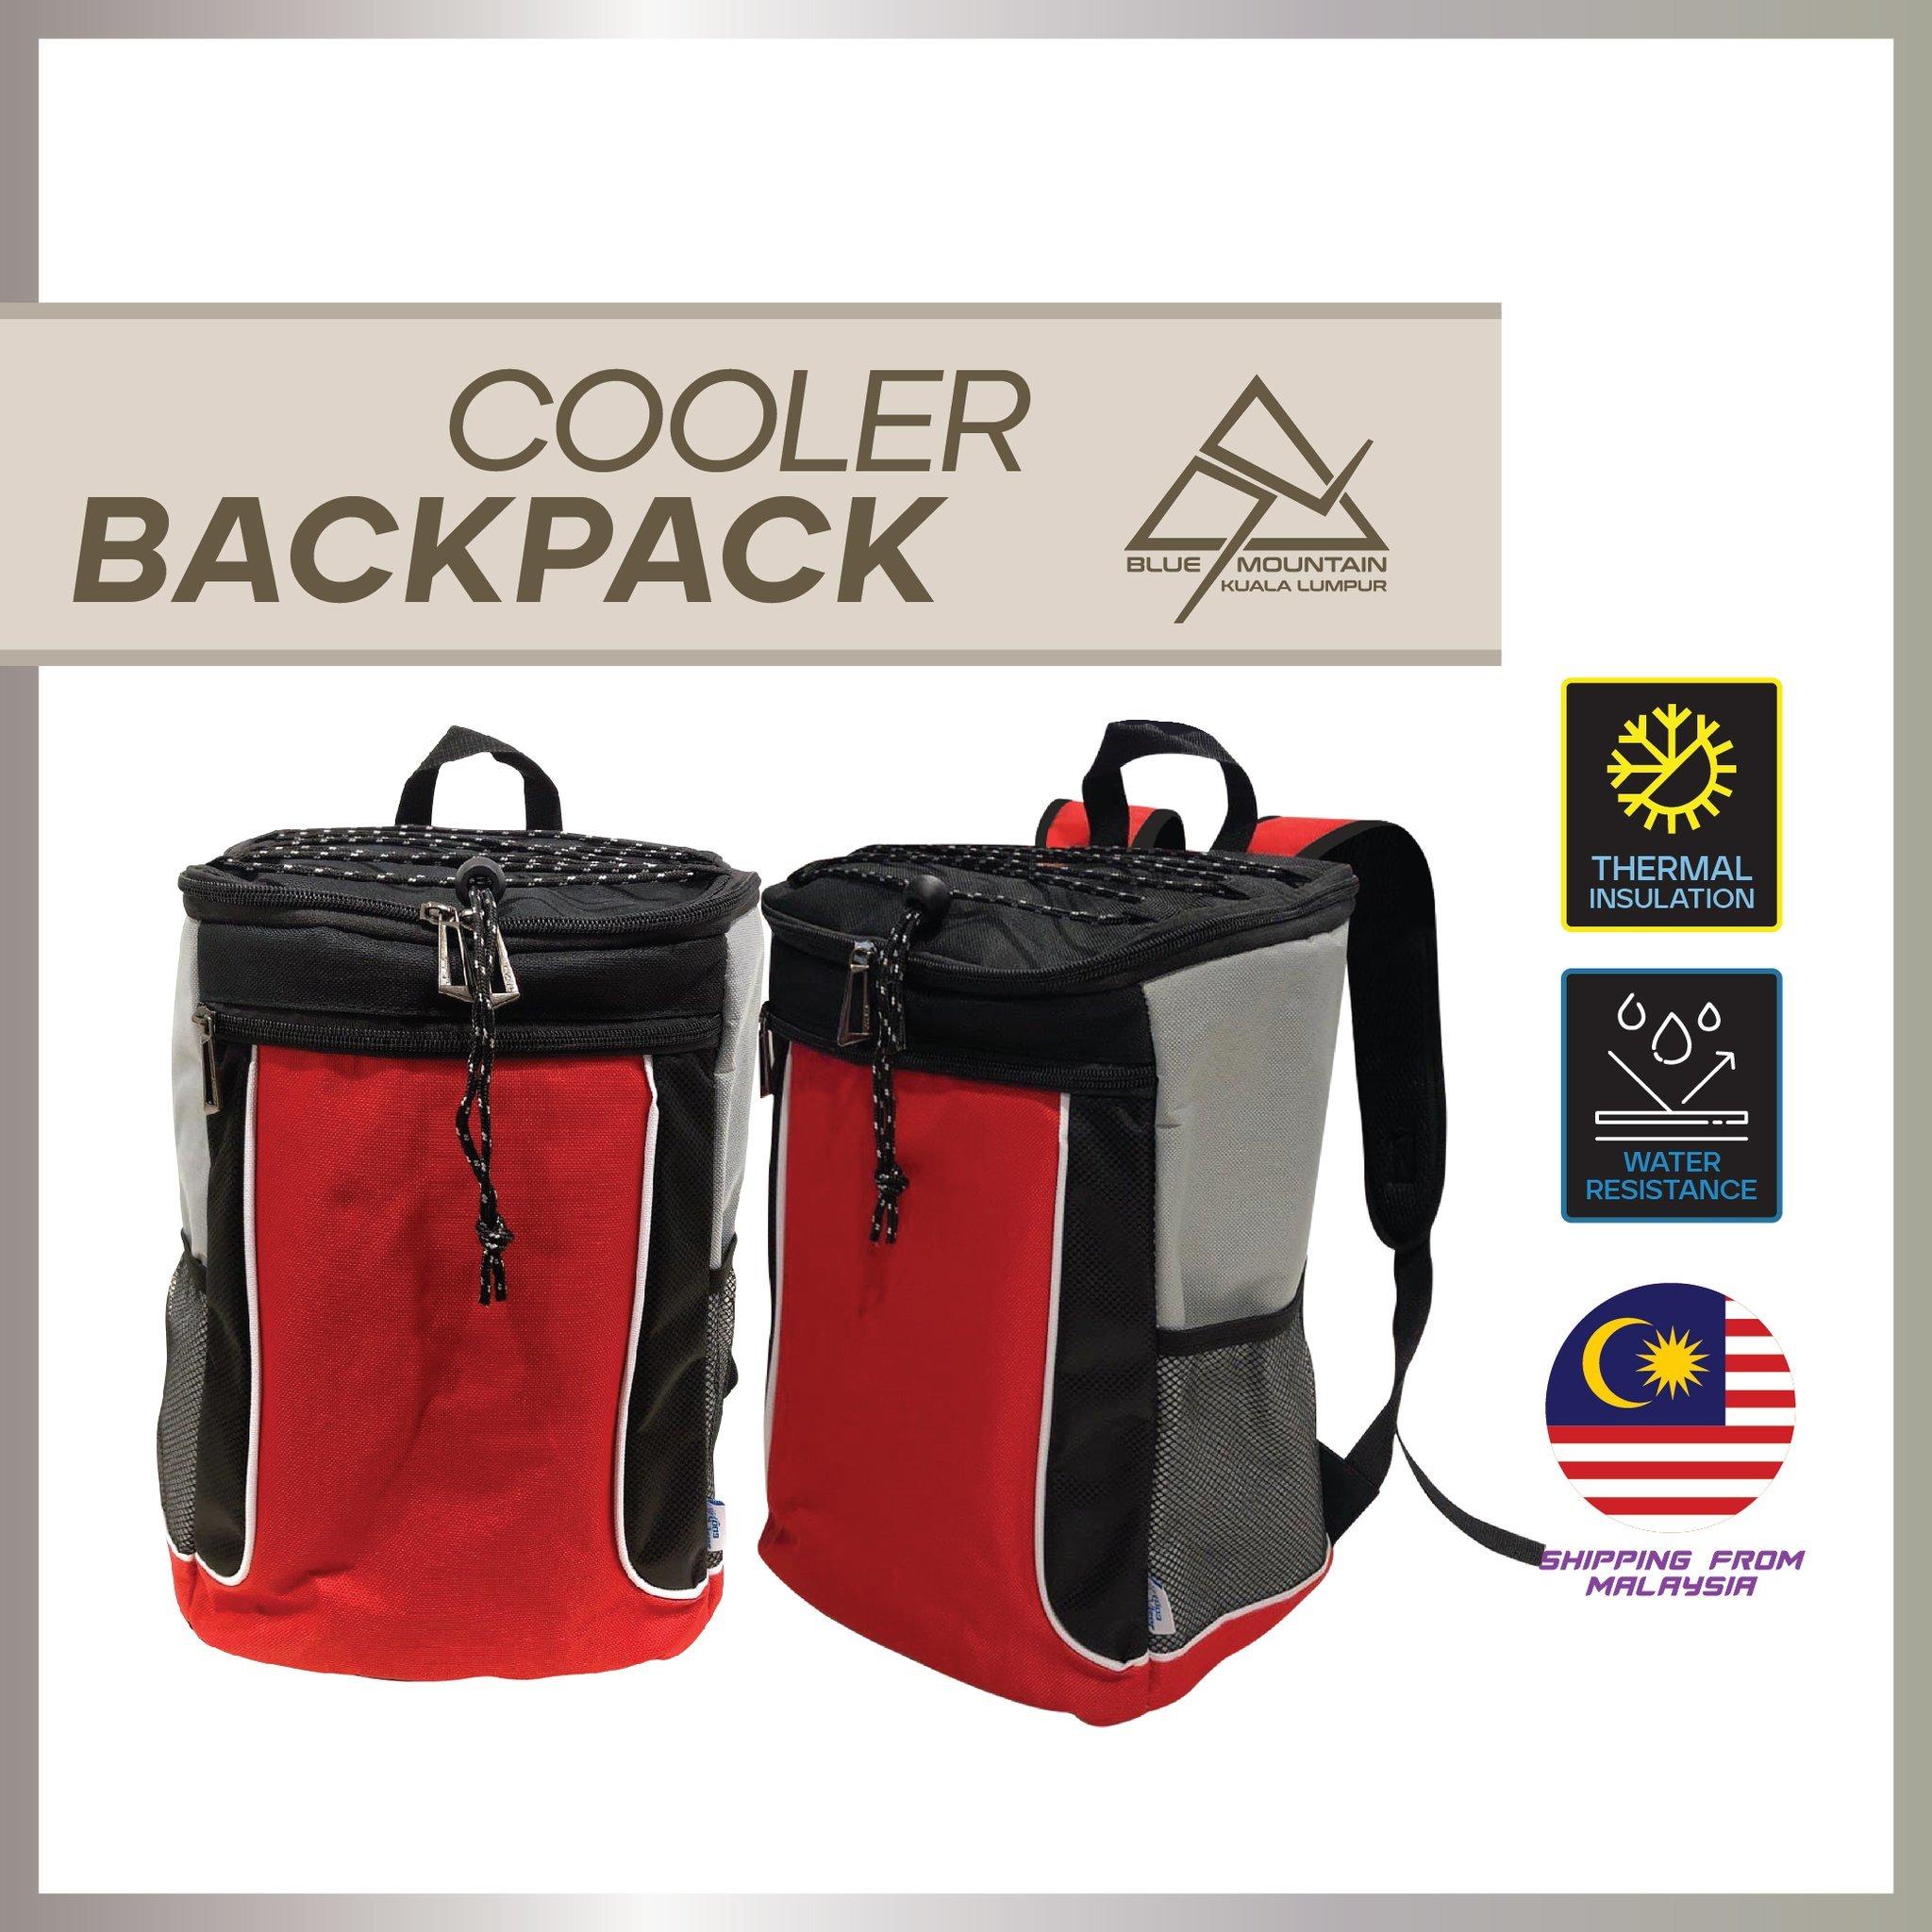 CoolerBackpack-01_2048x2048.jpg